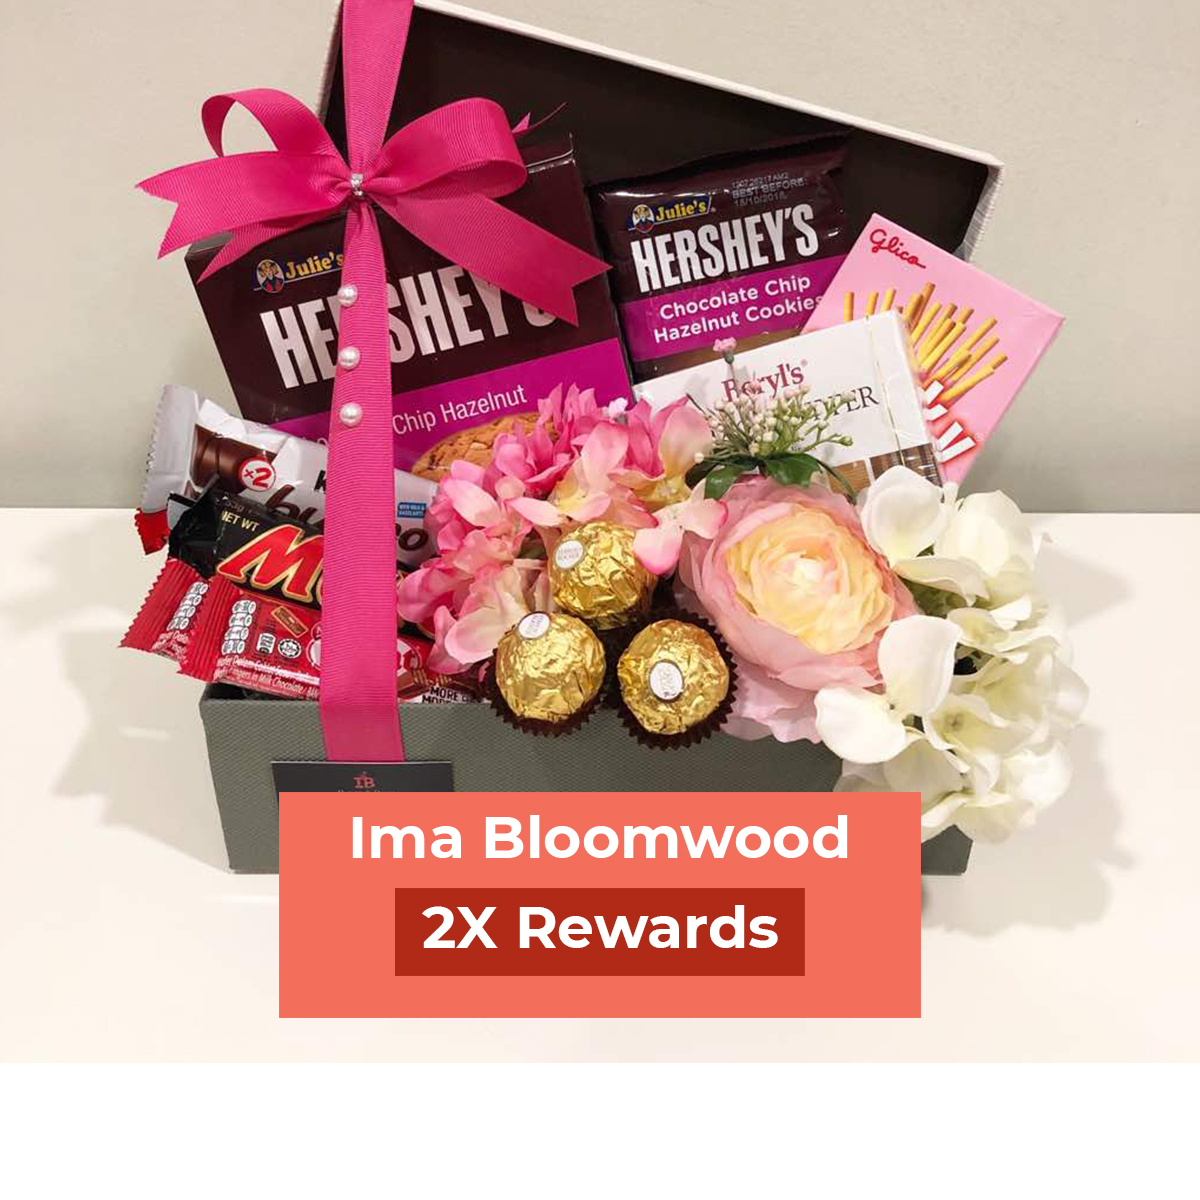 Ima Bloomwood-1